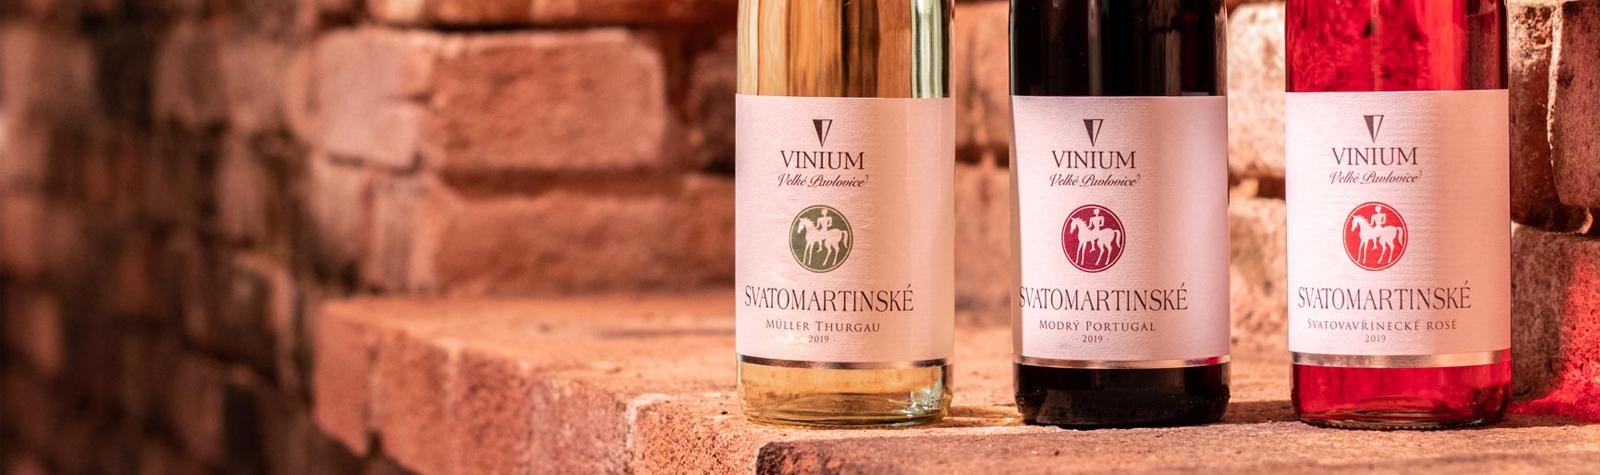 Svatomartinské víno 2019